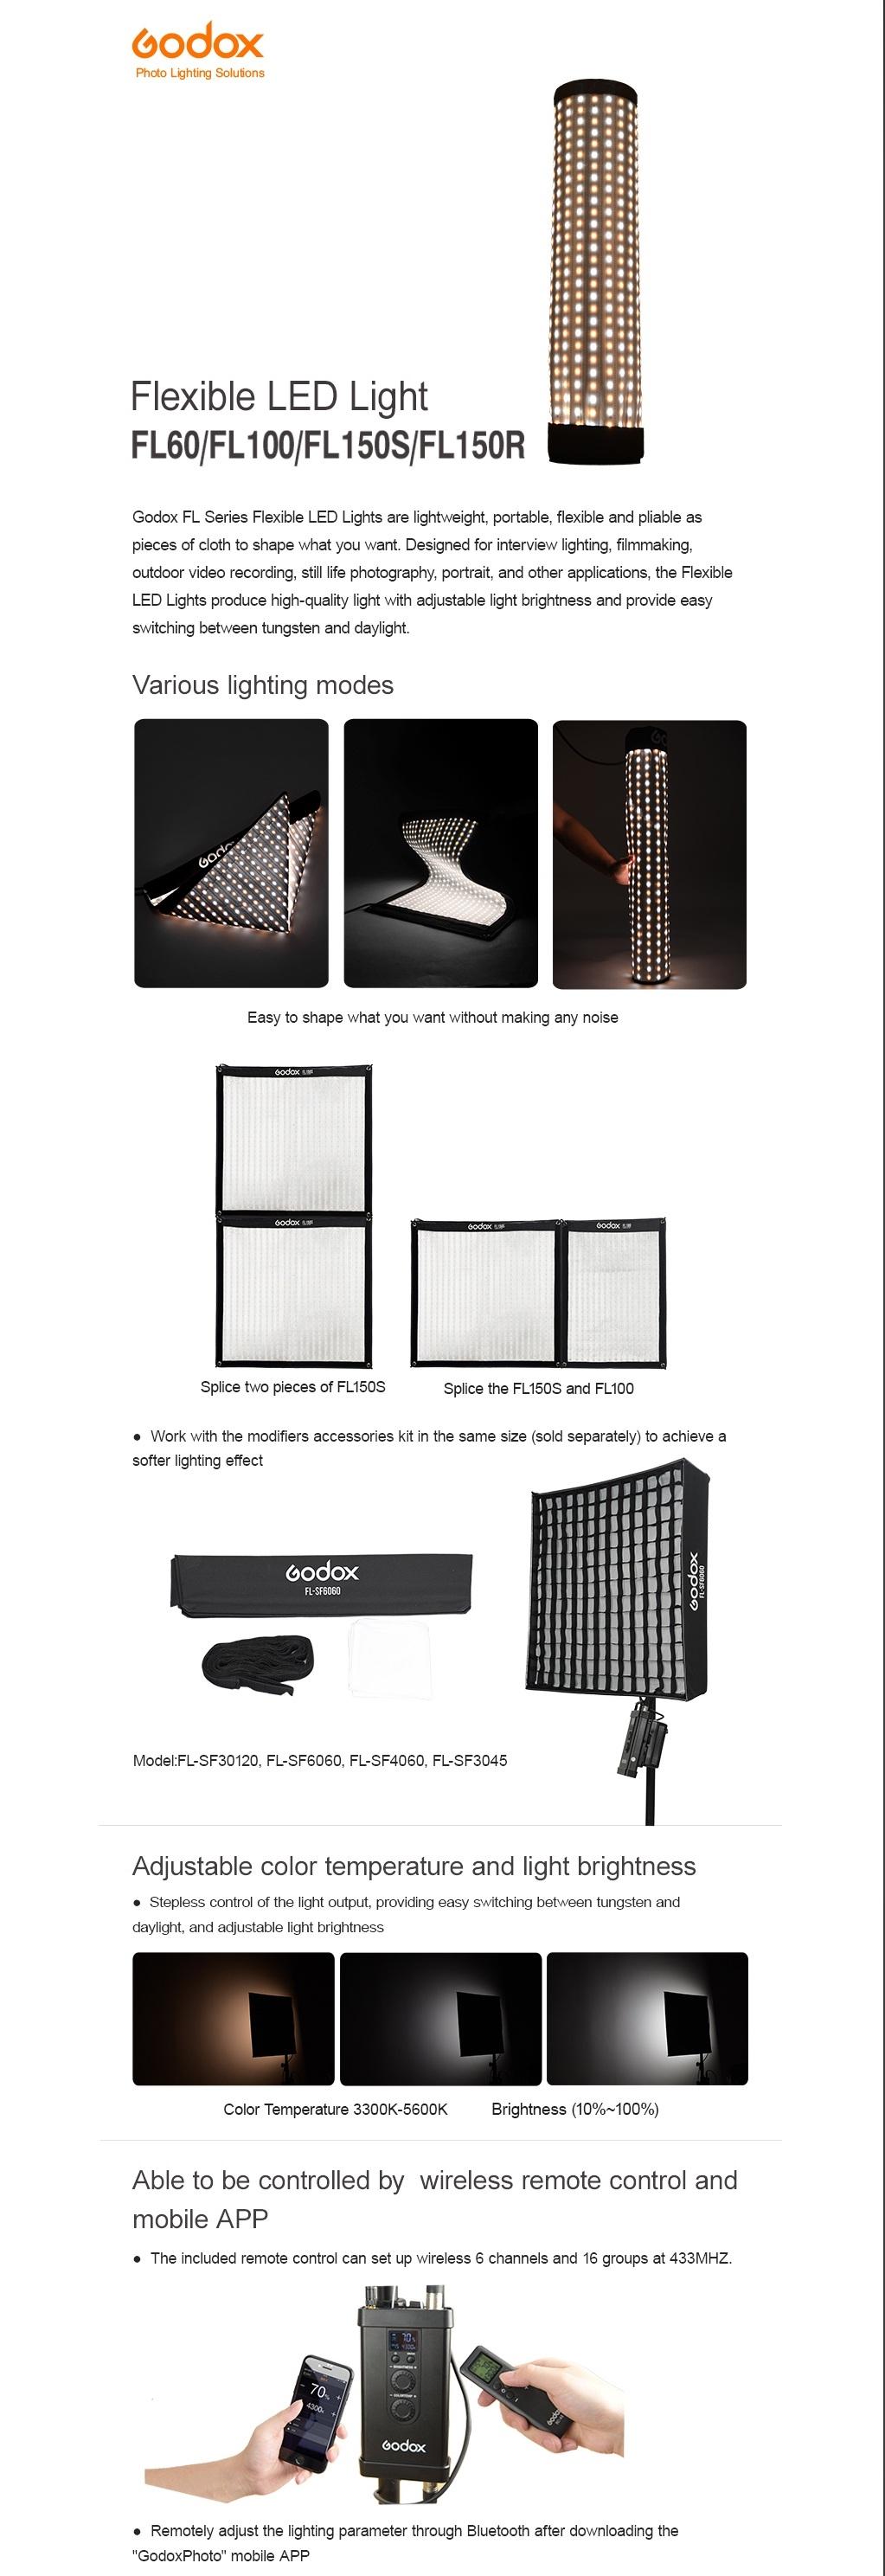 Flexible LED Light FL150S